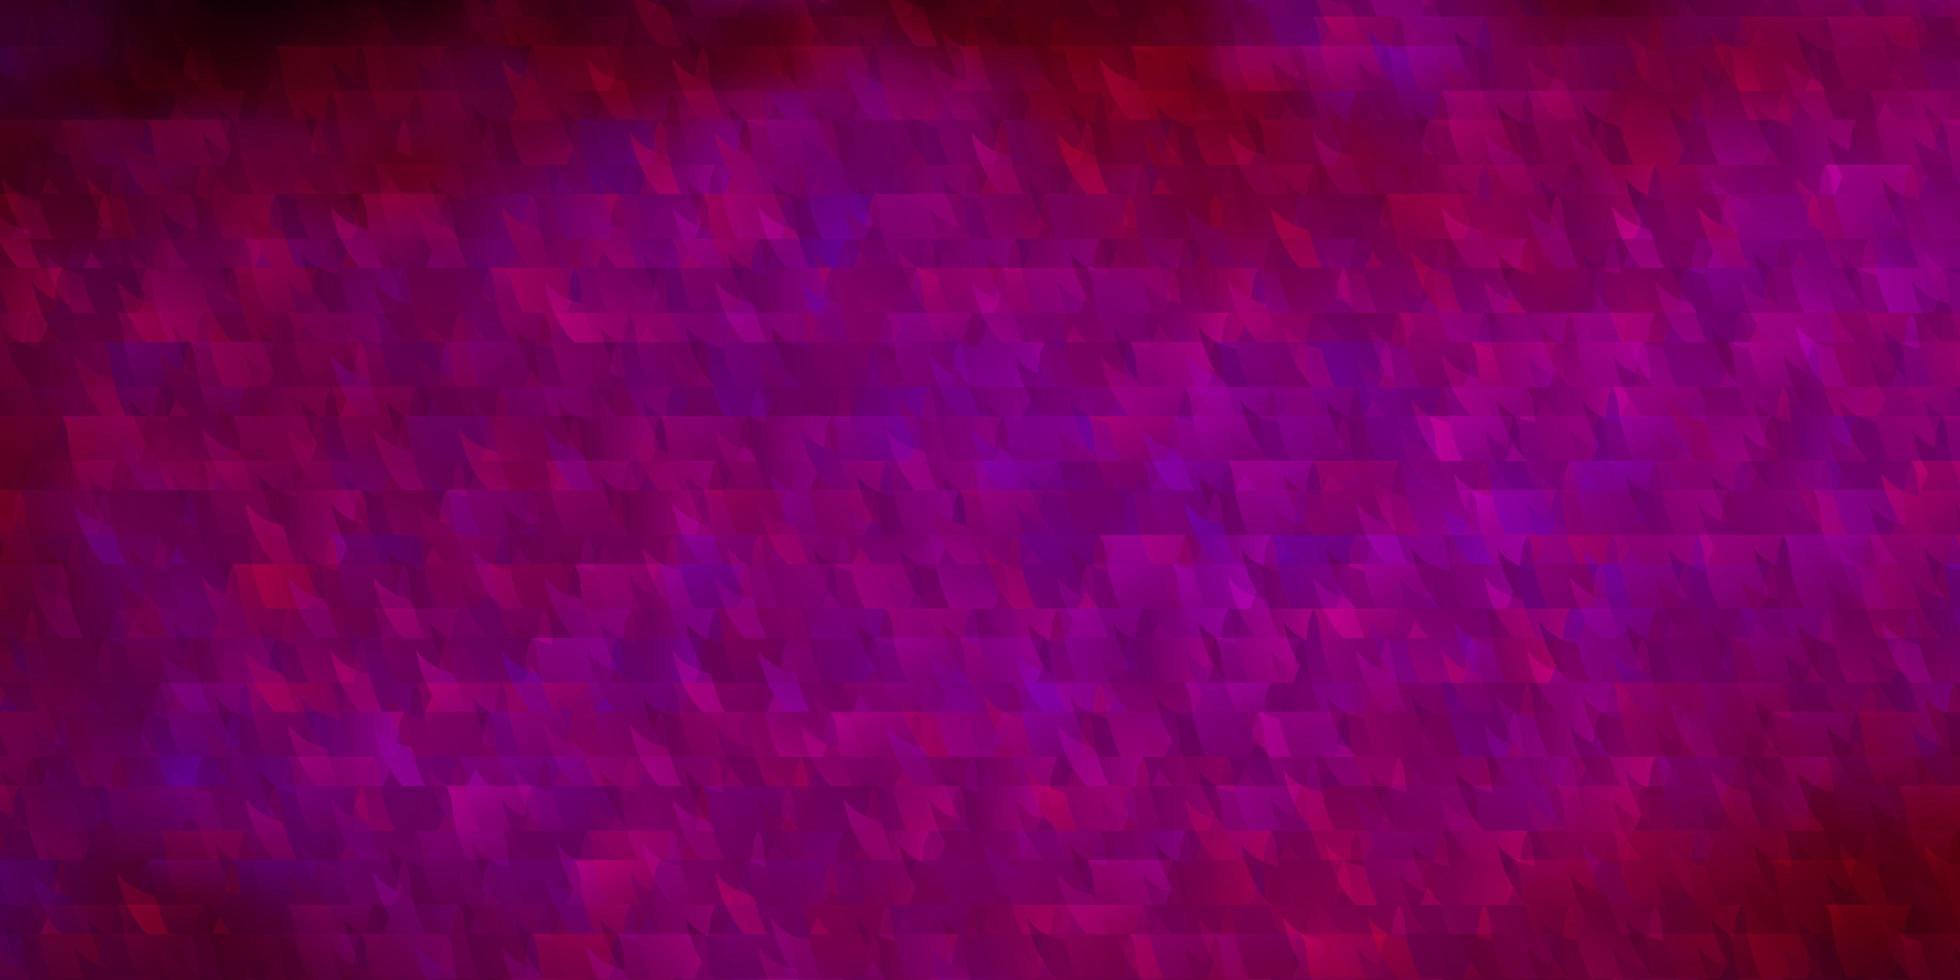 trama vettoriale rosa scuro con linee, triangoli.